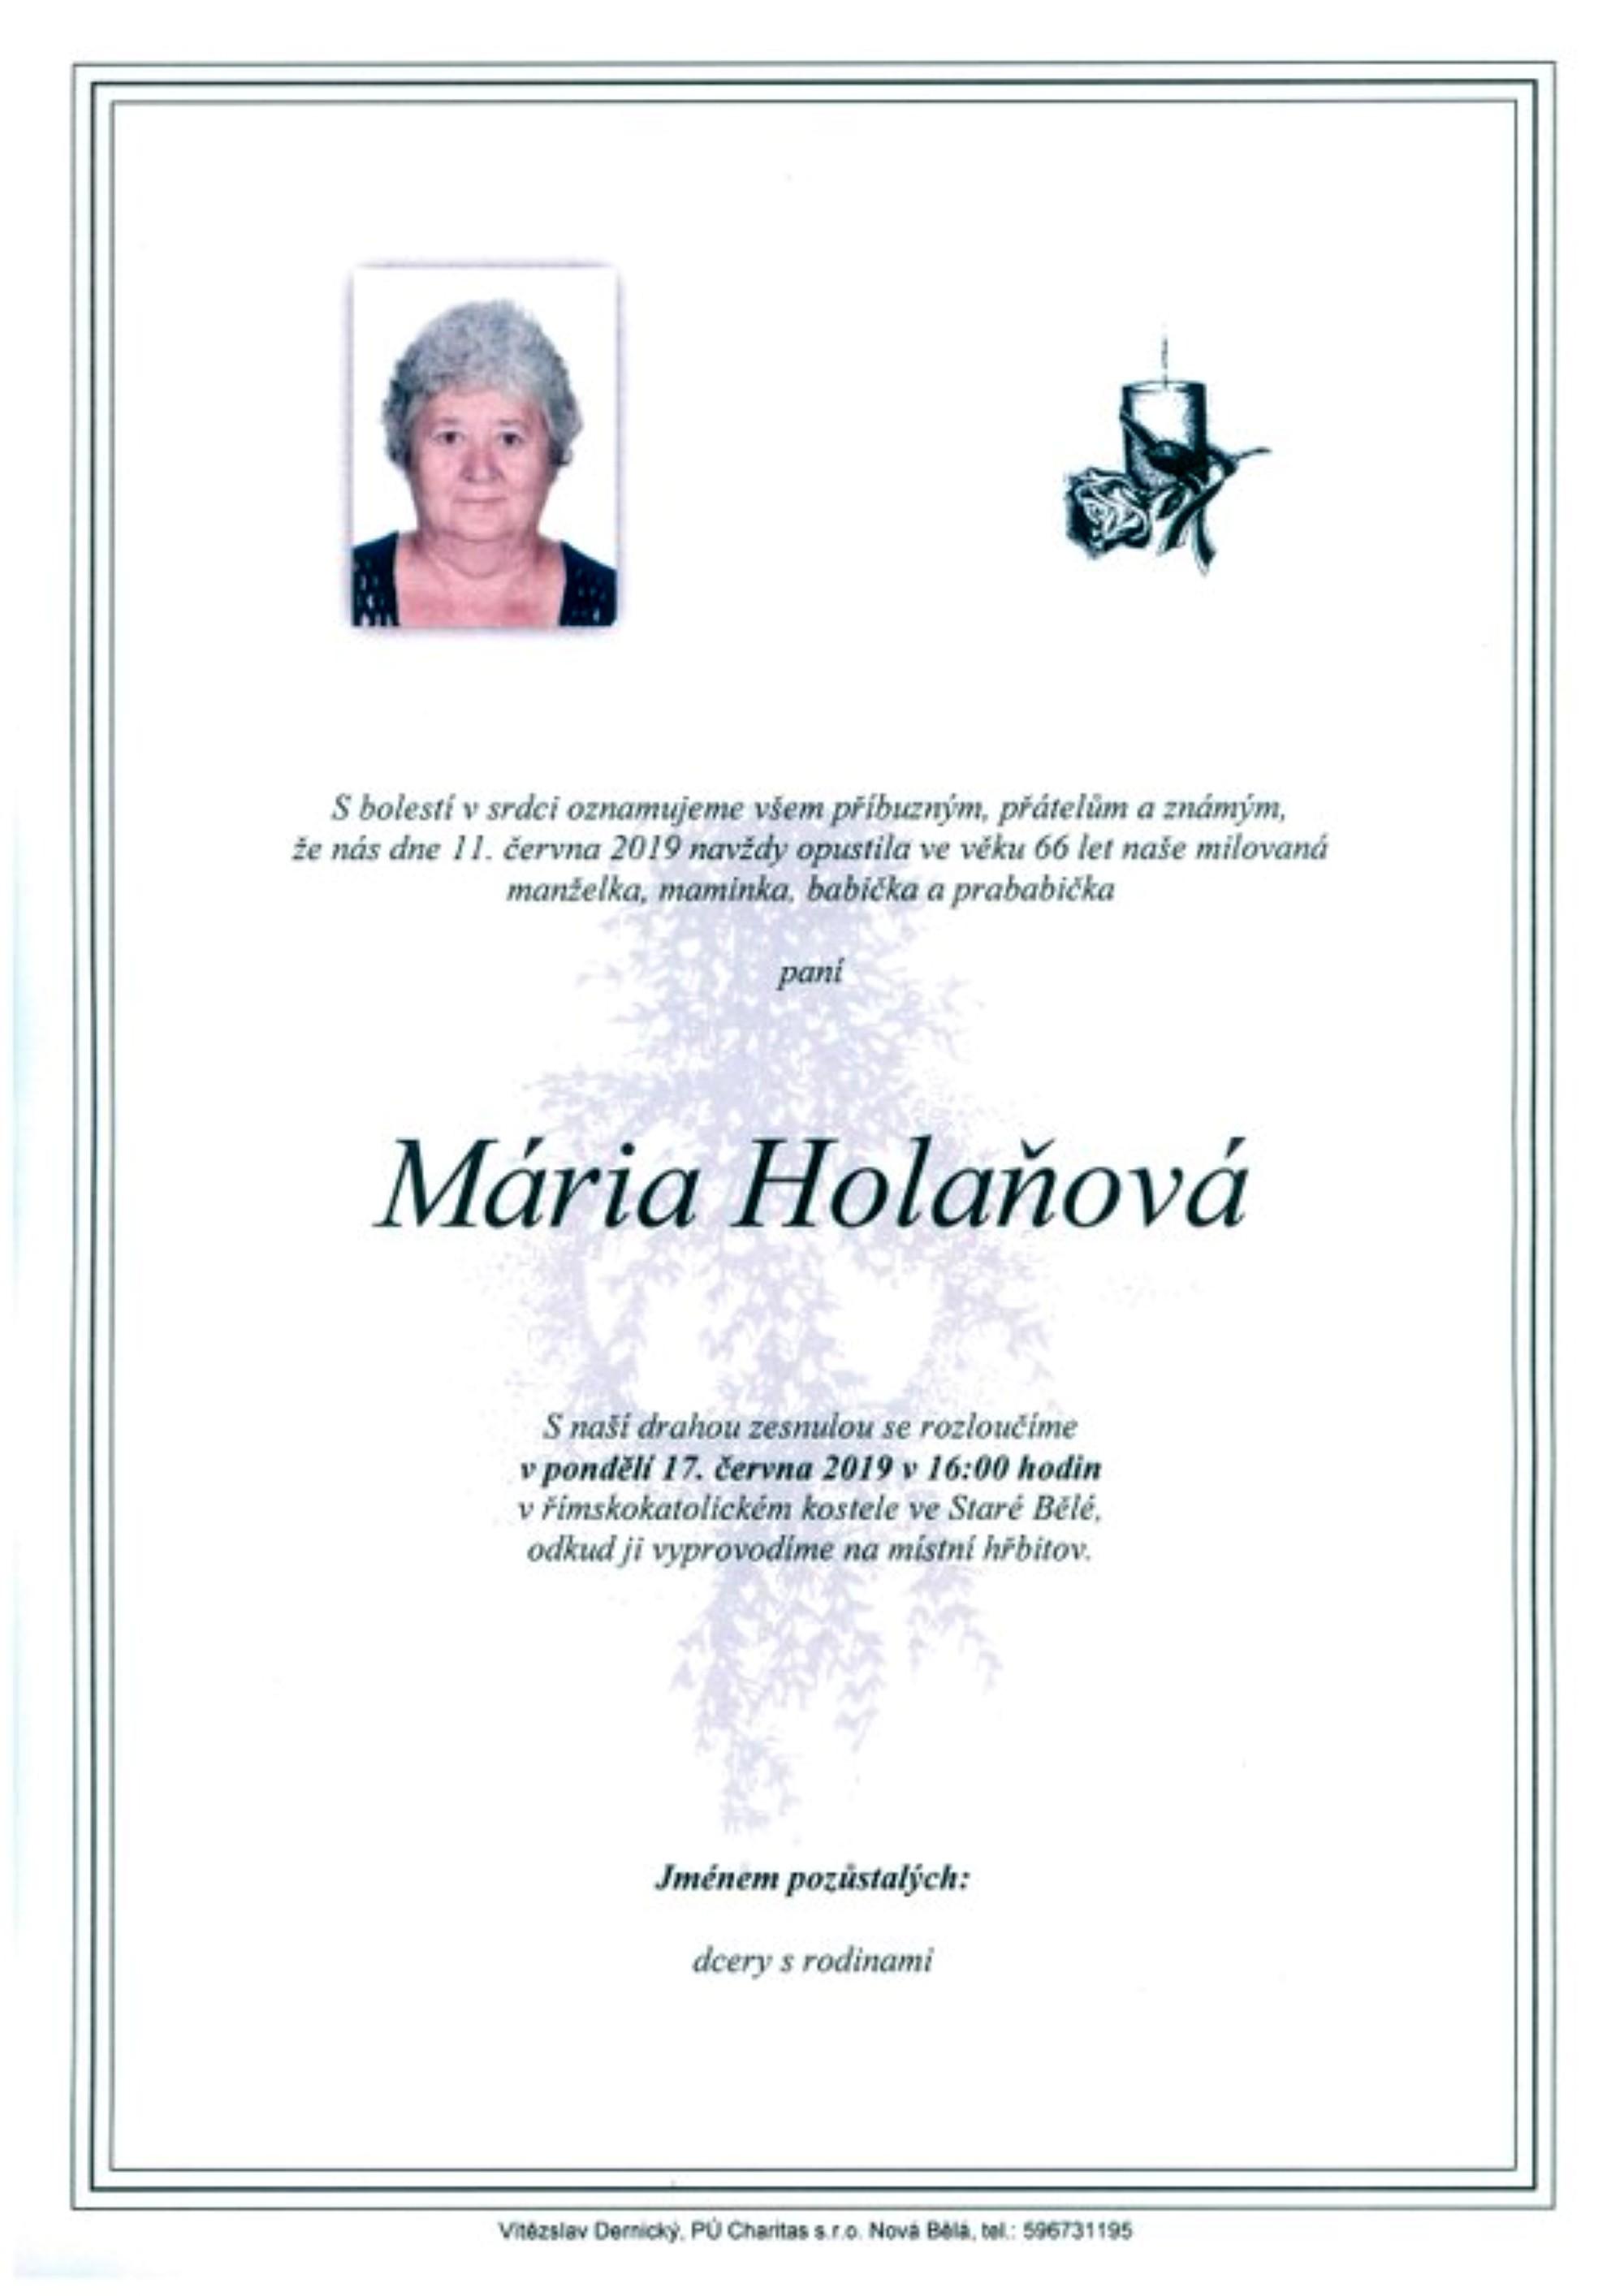 Mária Holaňová